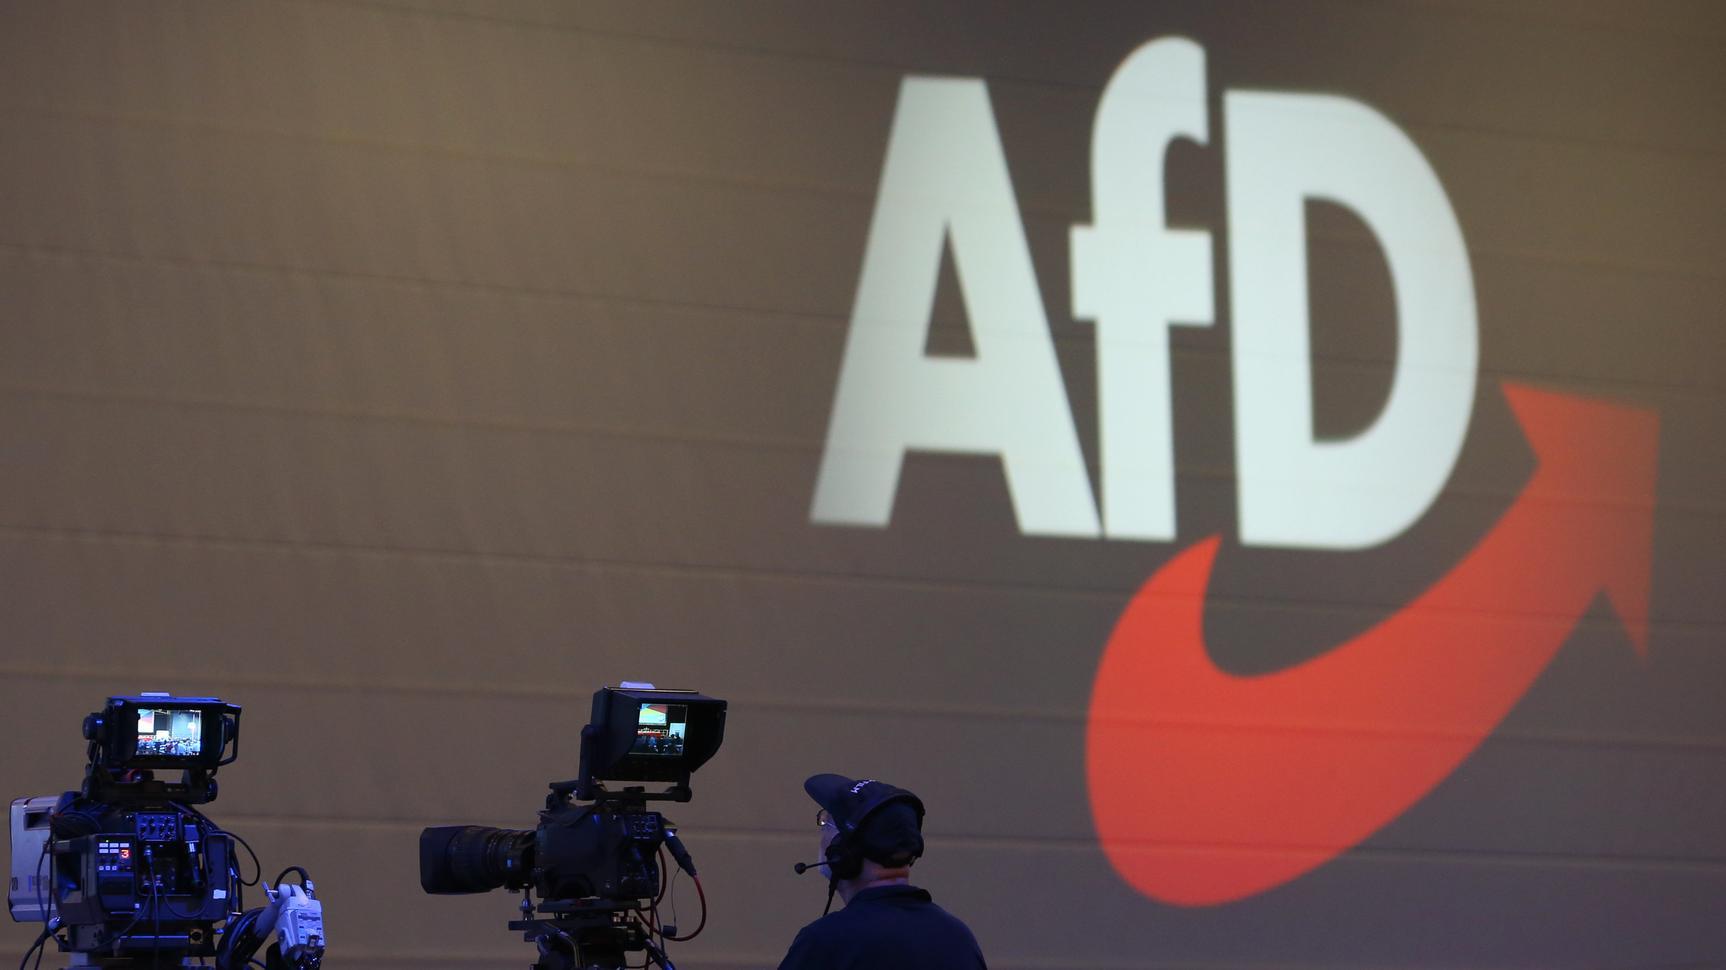 AfD zieht mit 22 Abgeordneten in den bayerischen Landtag ein